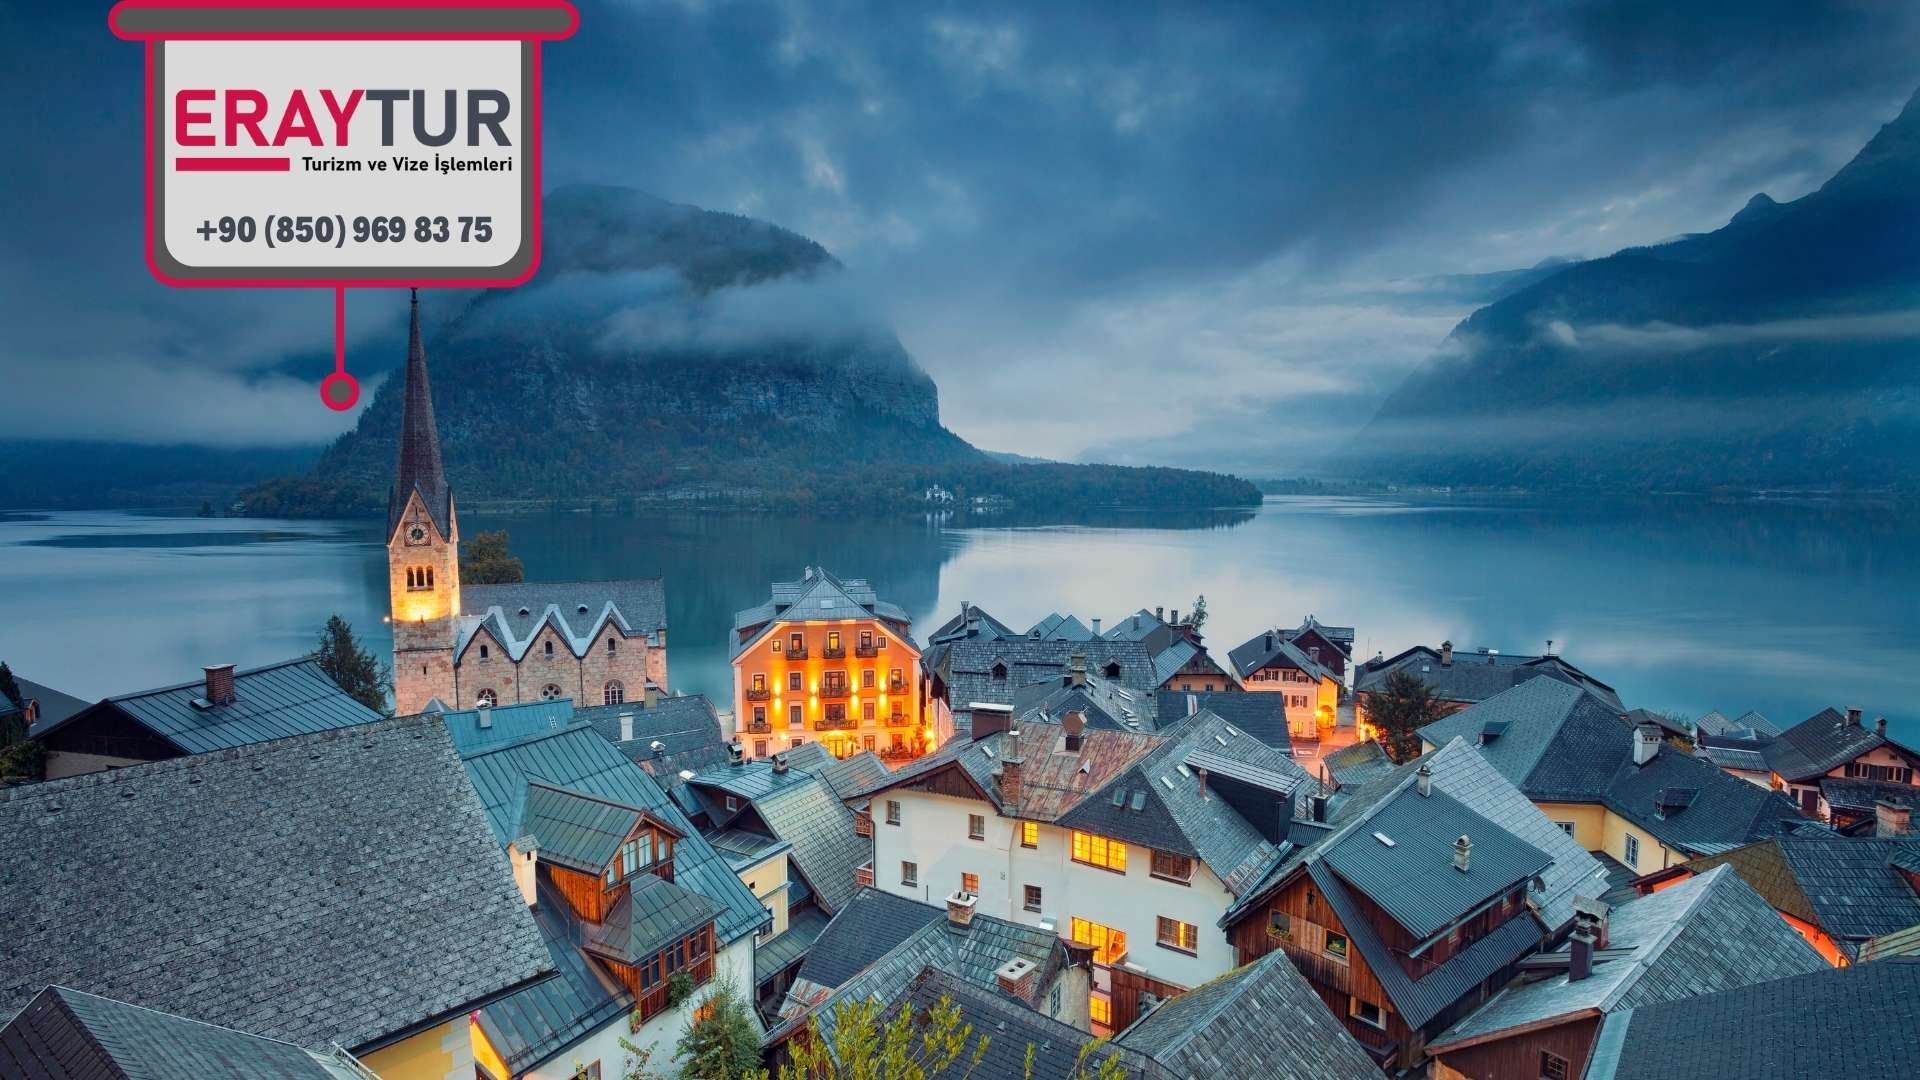 Avusturya Turistik Vizesi Başvuru Evrakları